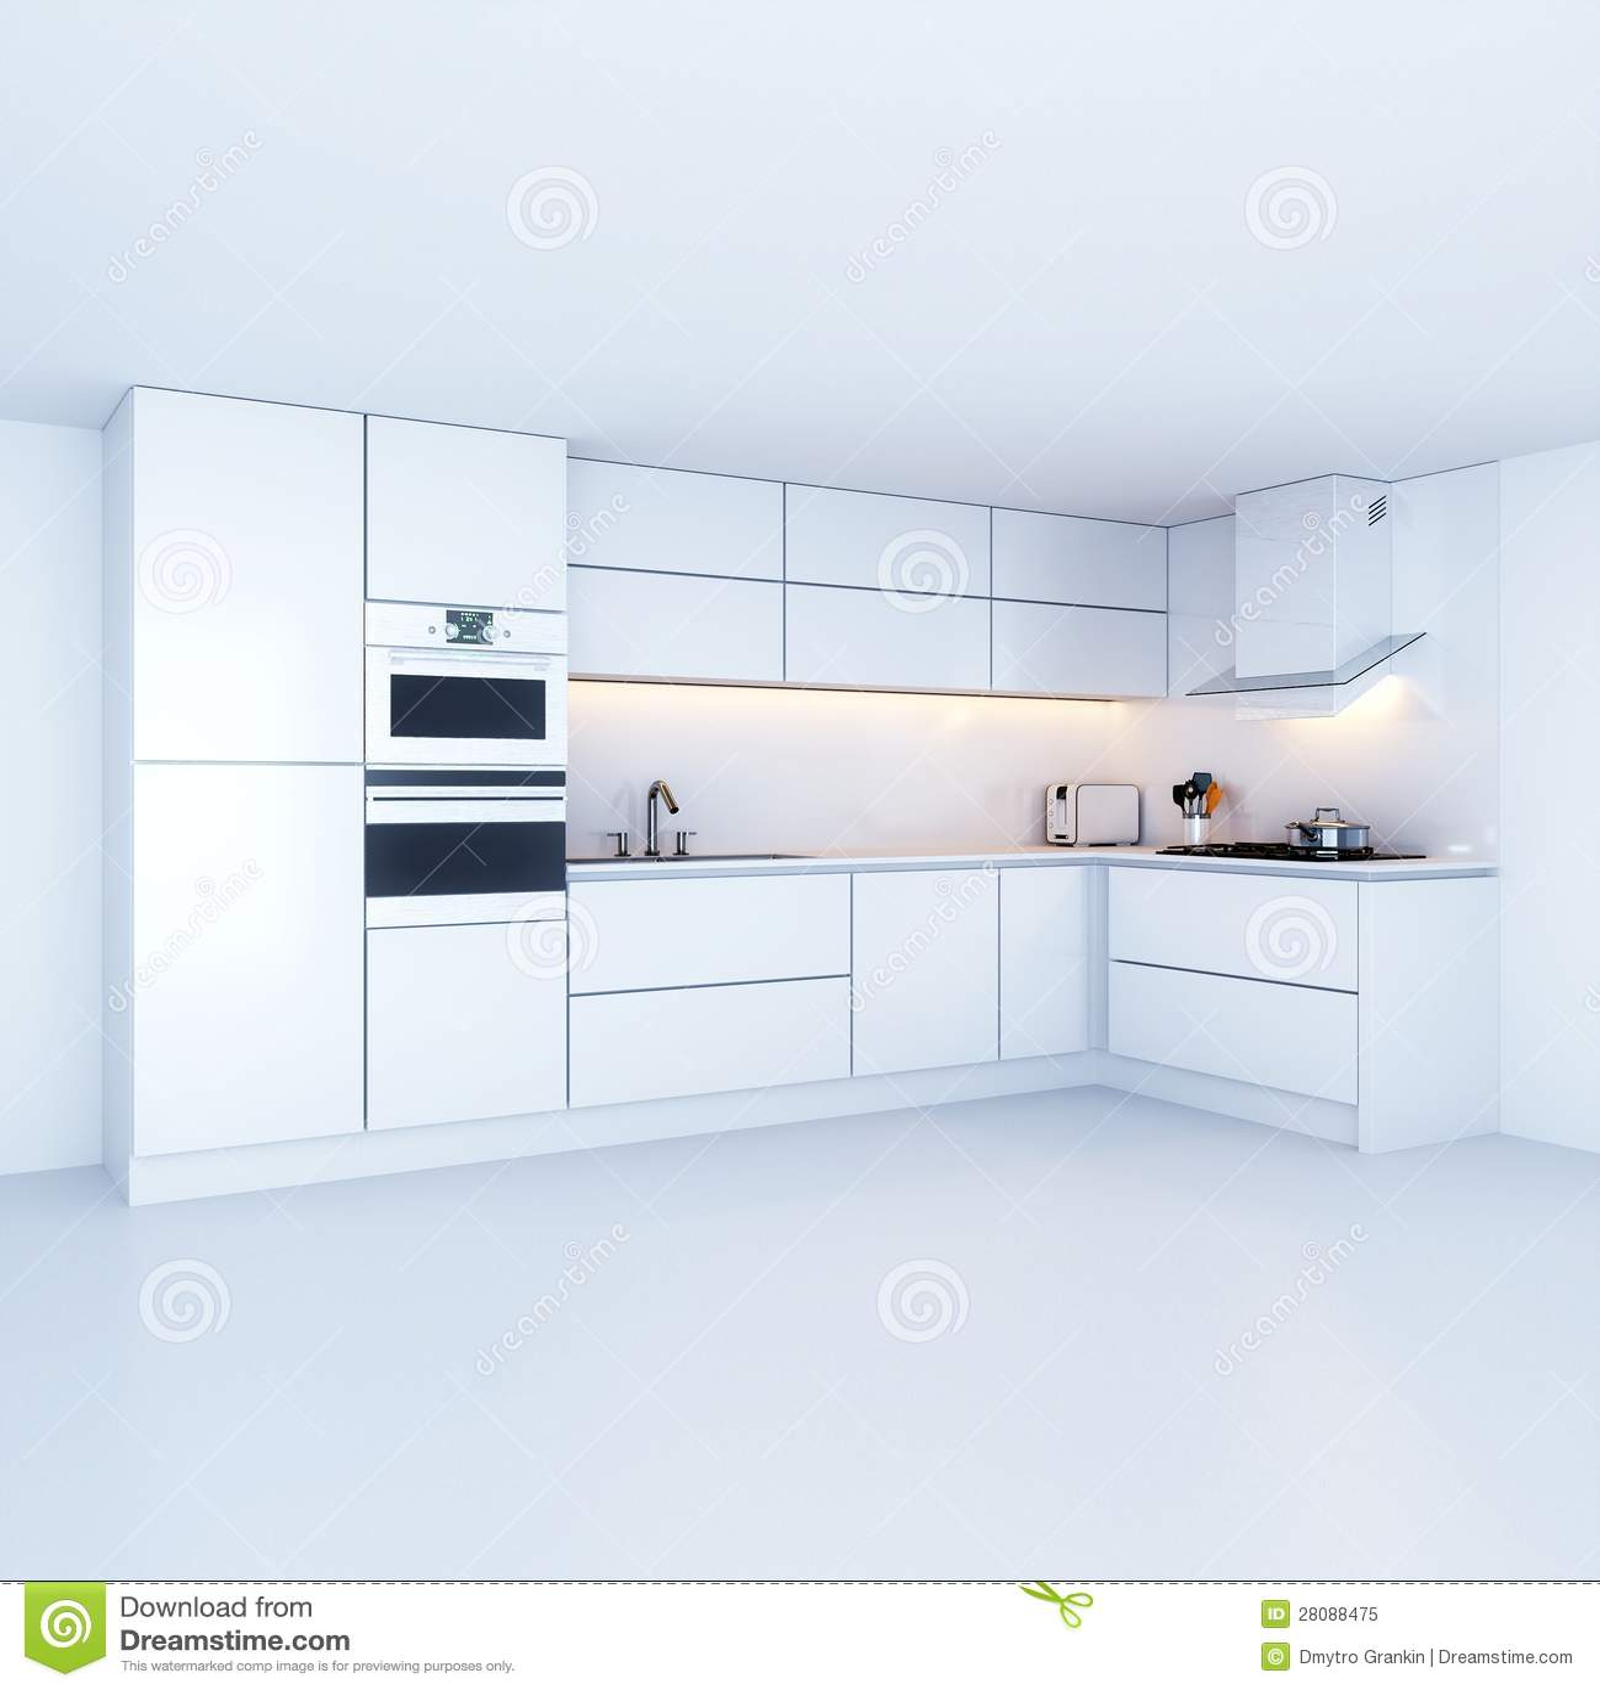 Moderne Küchenschränke Im Neuen Weißen Innenraum Stock Abbildung ...